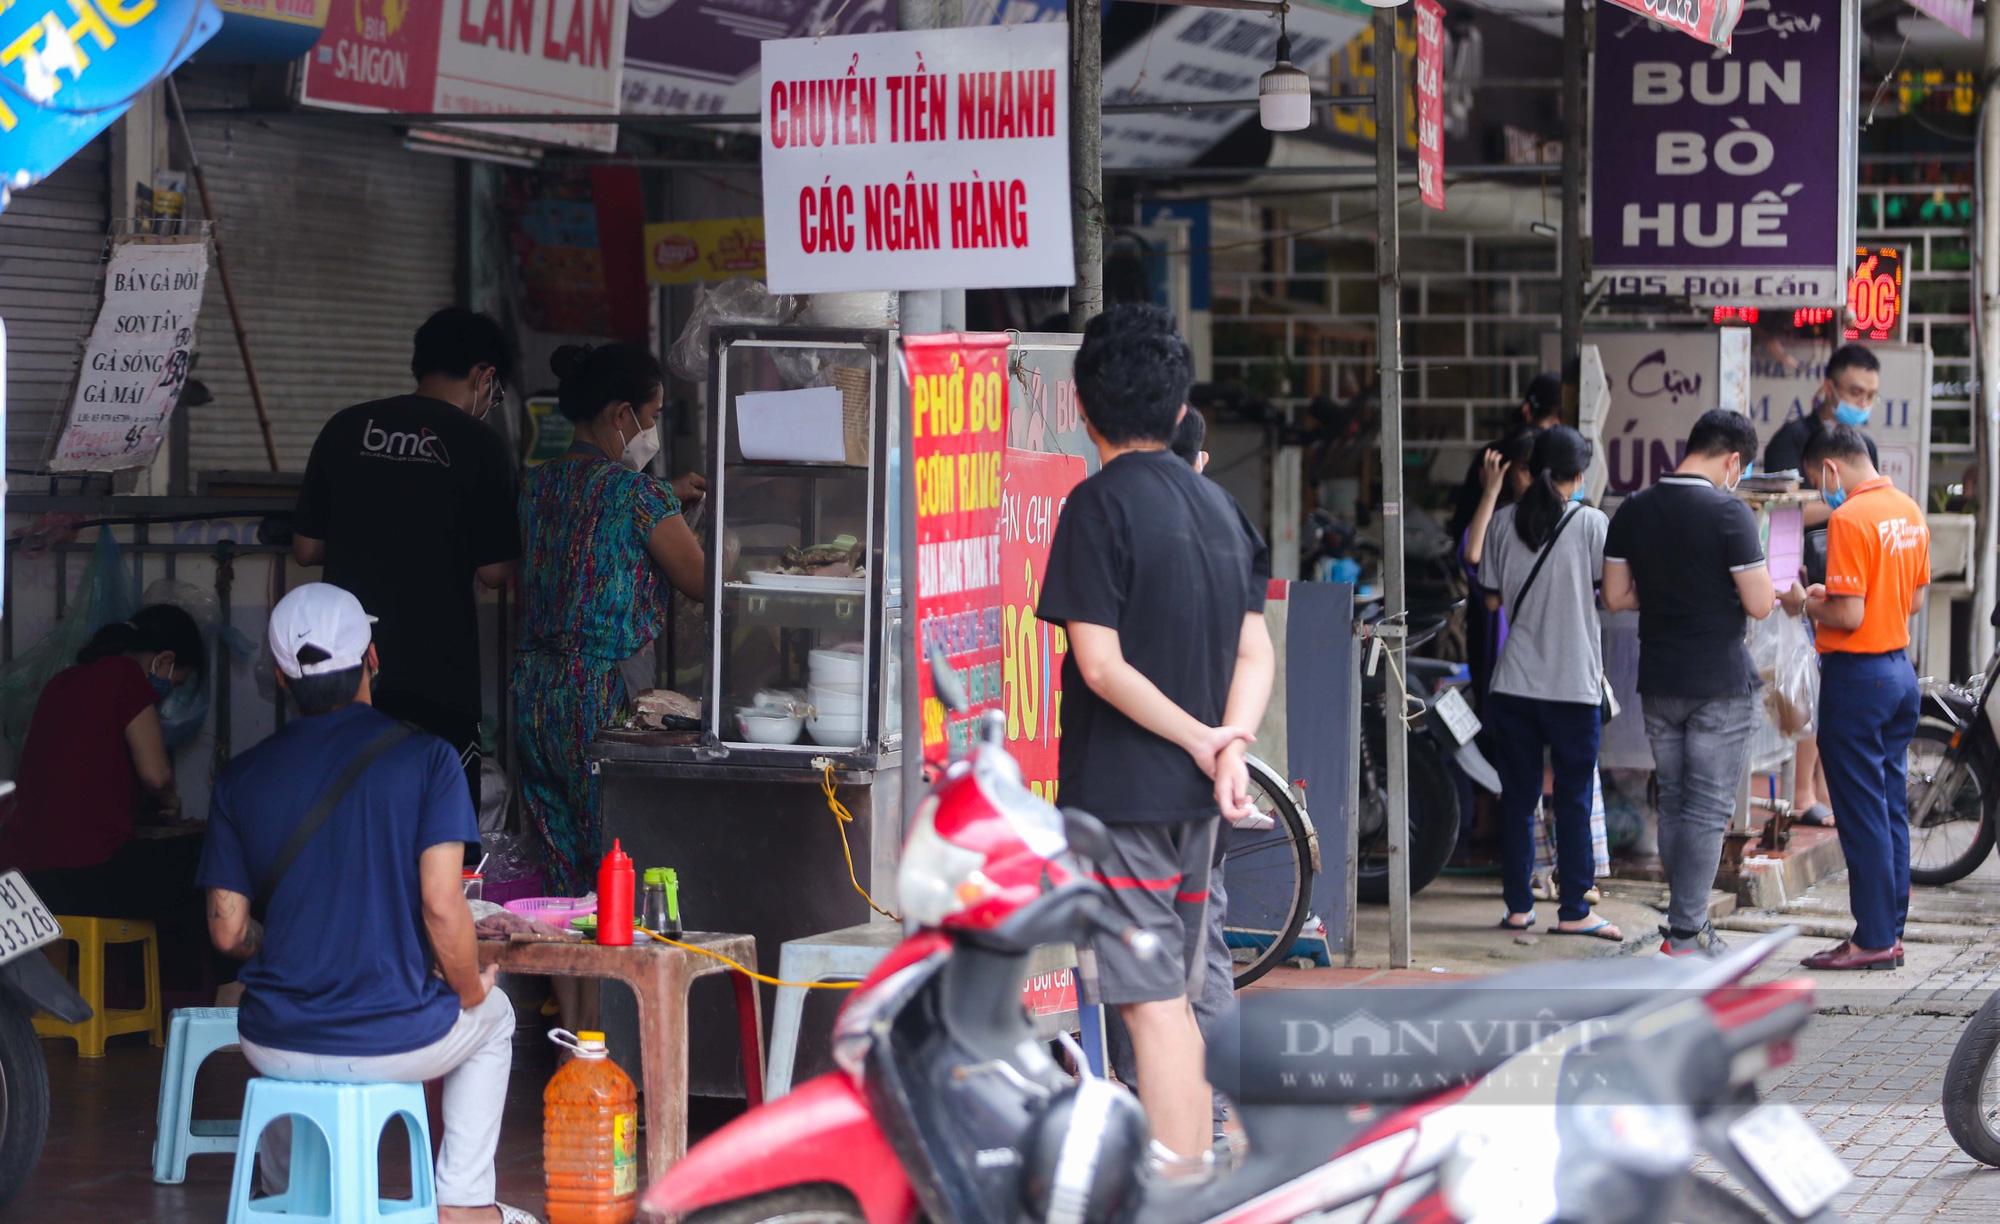 Lượng khách ít ỏi tại các cửa hàng trong ngày đầu bán hàng mang về  - Ảnh 5.